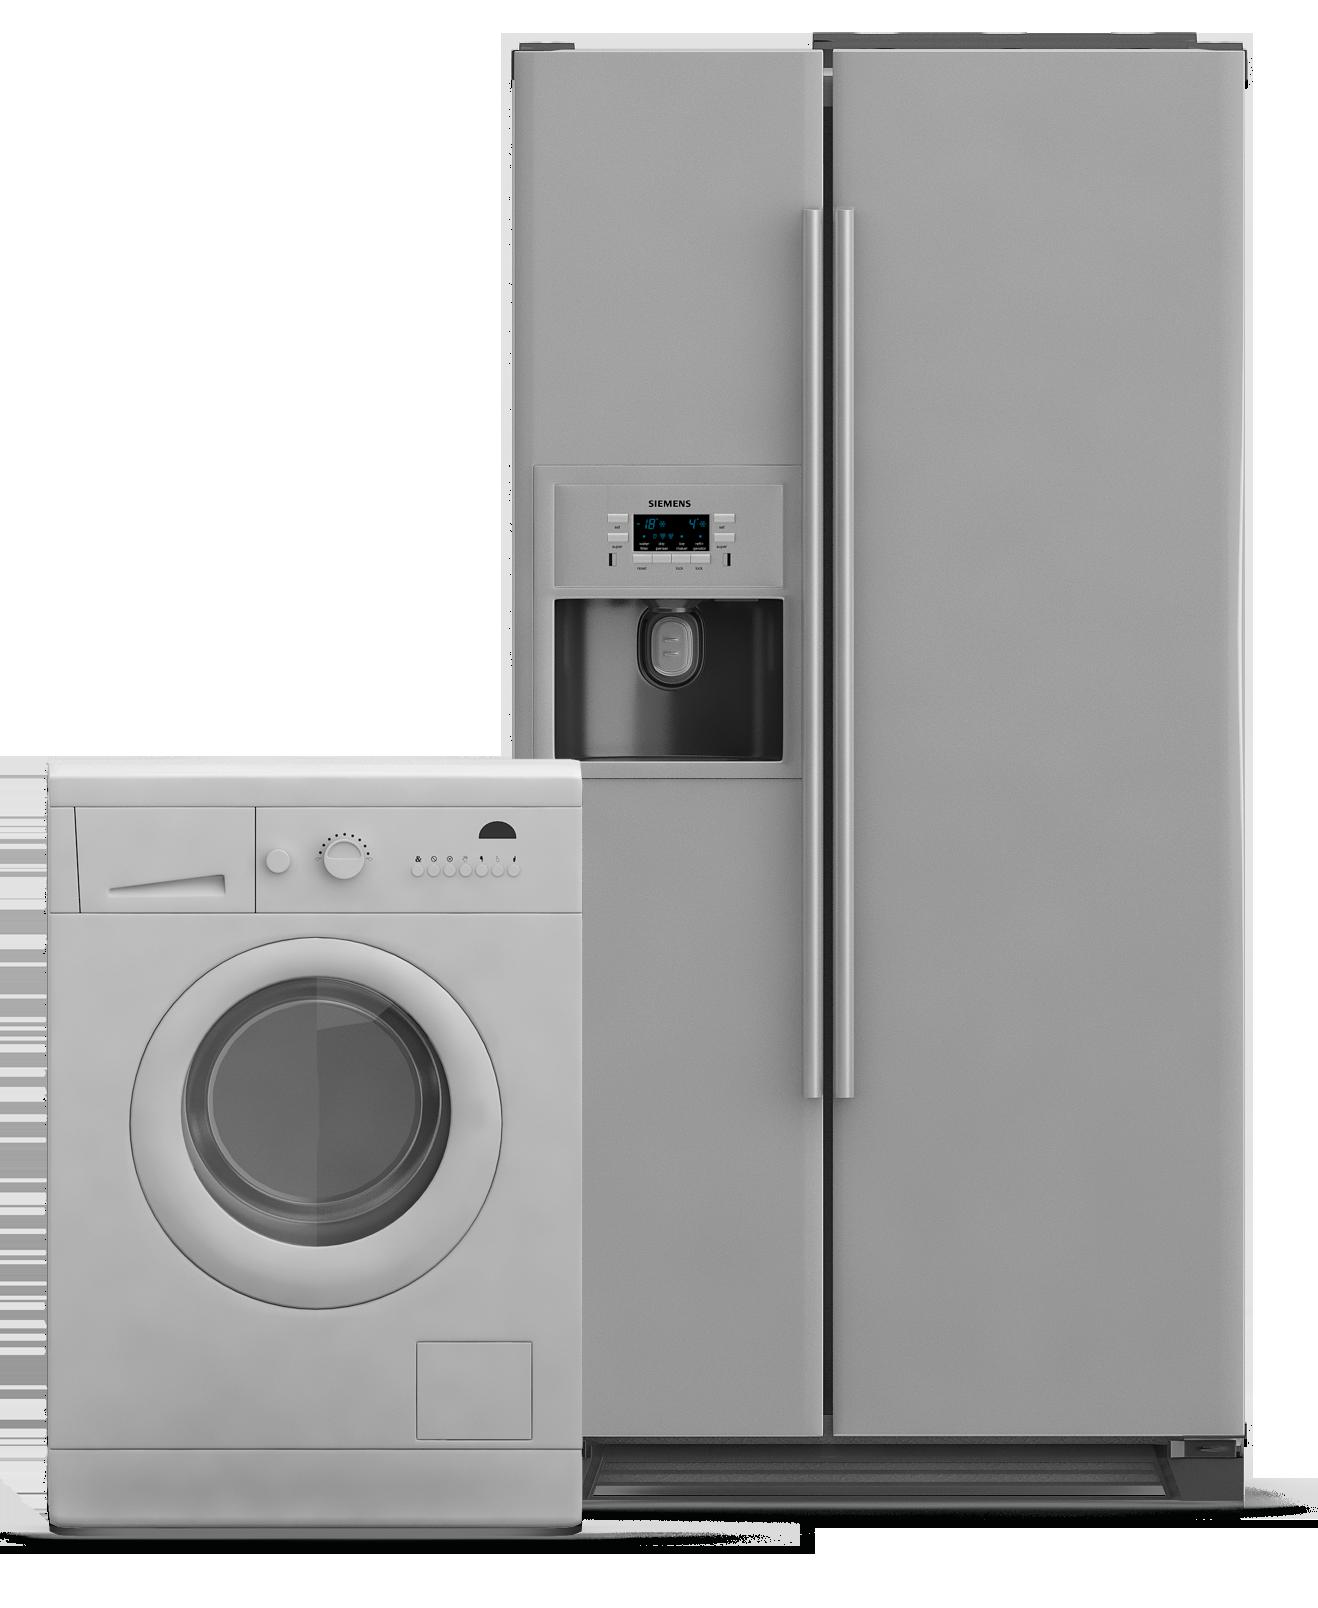 conserto geladeira máquina de lavar fogão conserto manutenção visita técnica assistência manutenção